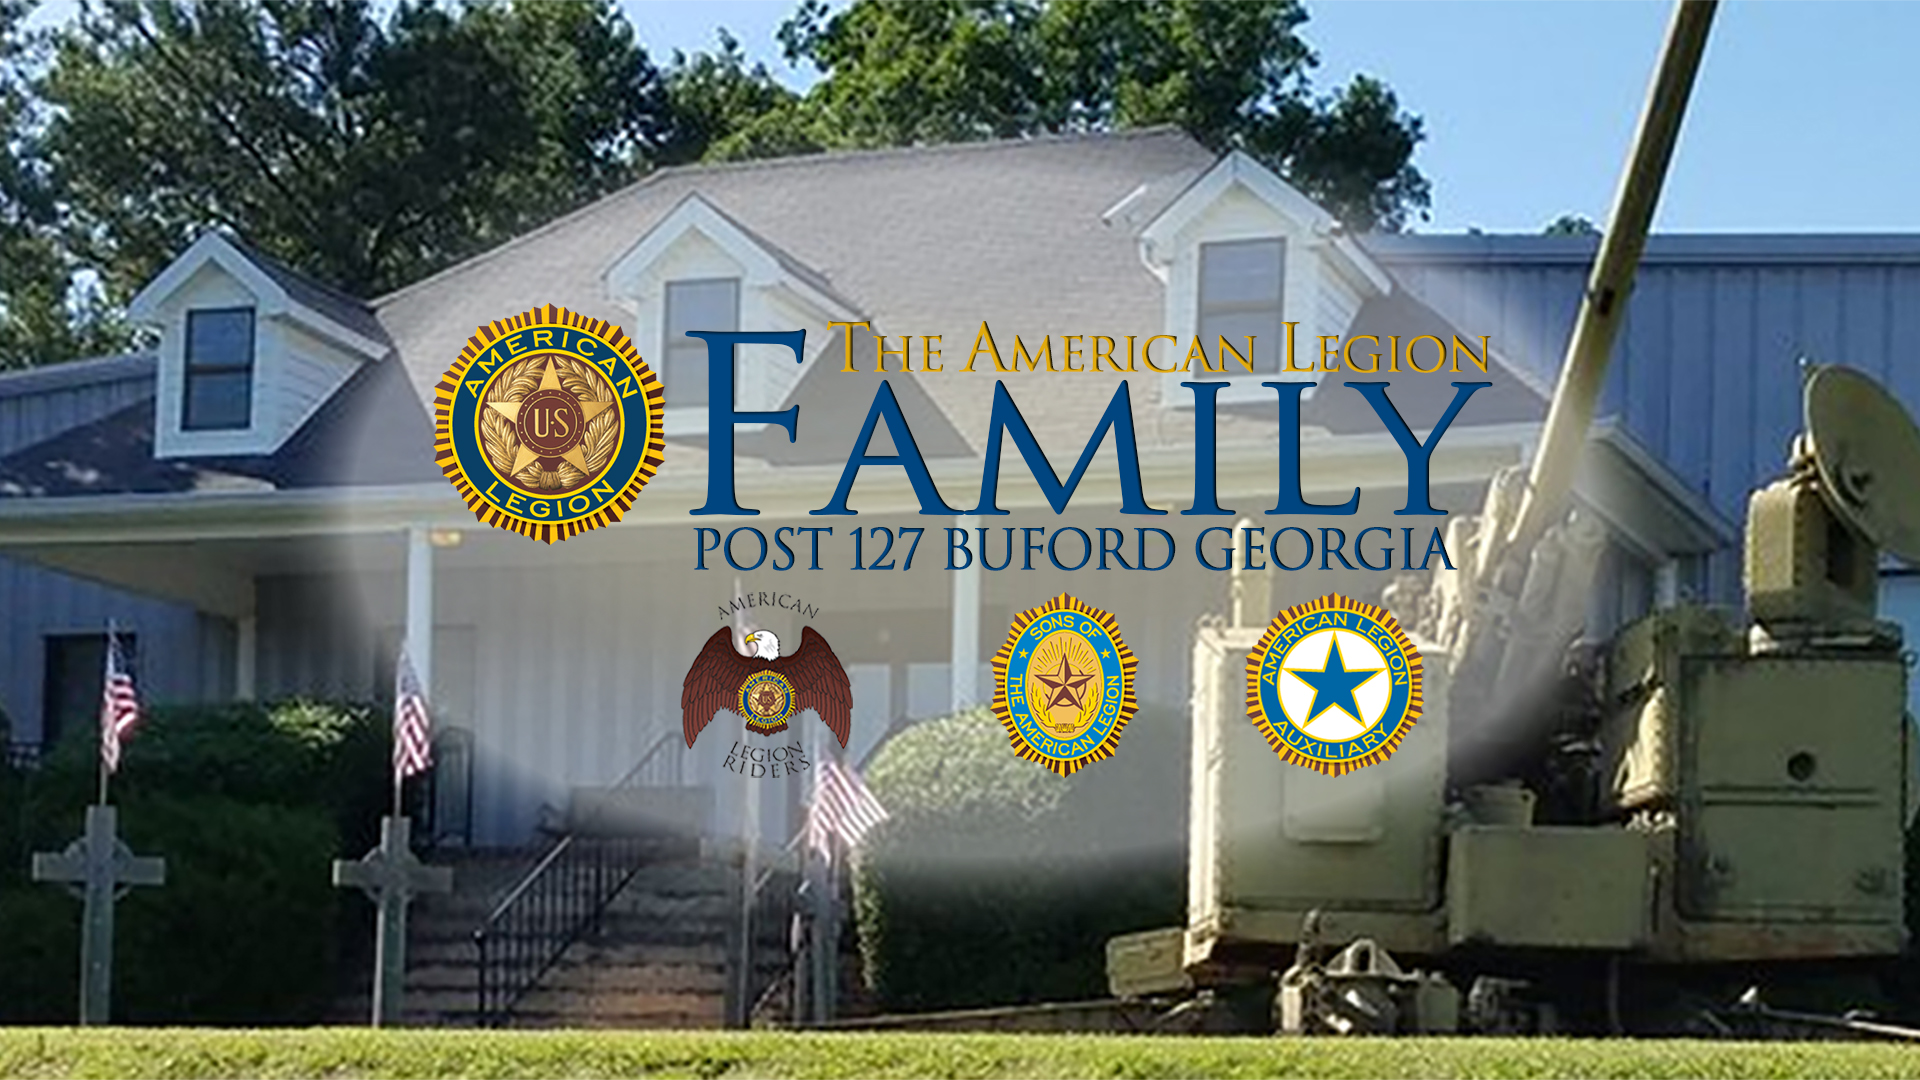 American Legion Post 127 Buford